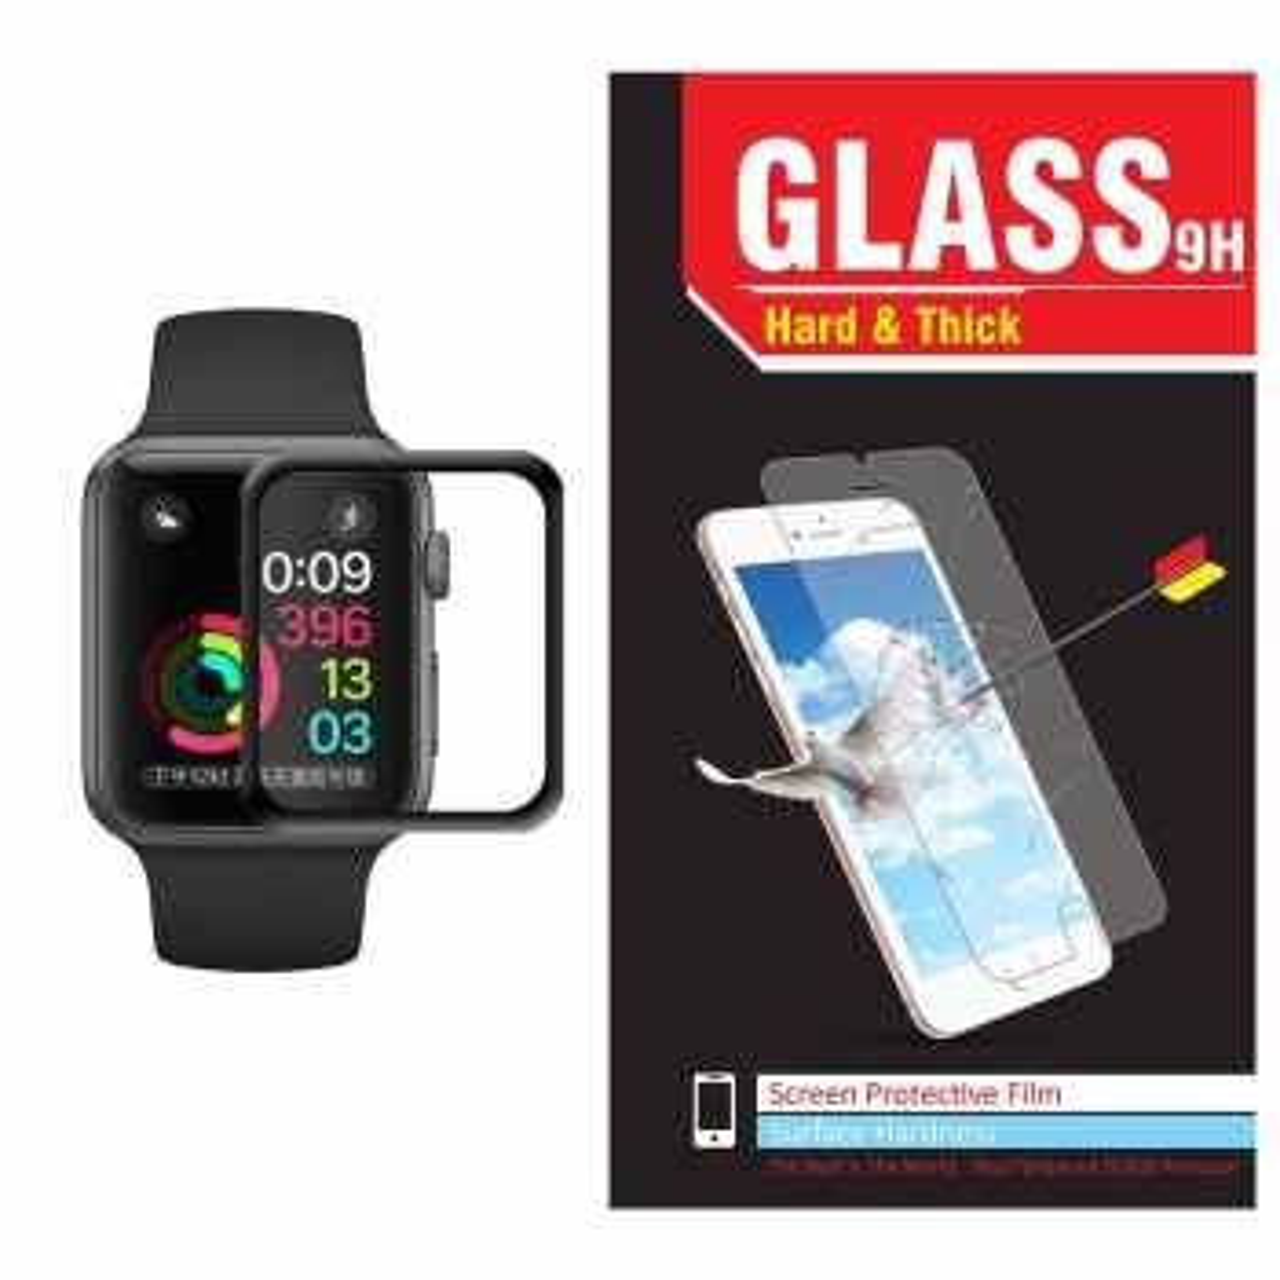 محافظ صفحه نمایش شیشه ای Hard and thick مدل Tempered Glass 3D مناسب اپل واچ سایز 38 میلی متر